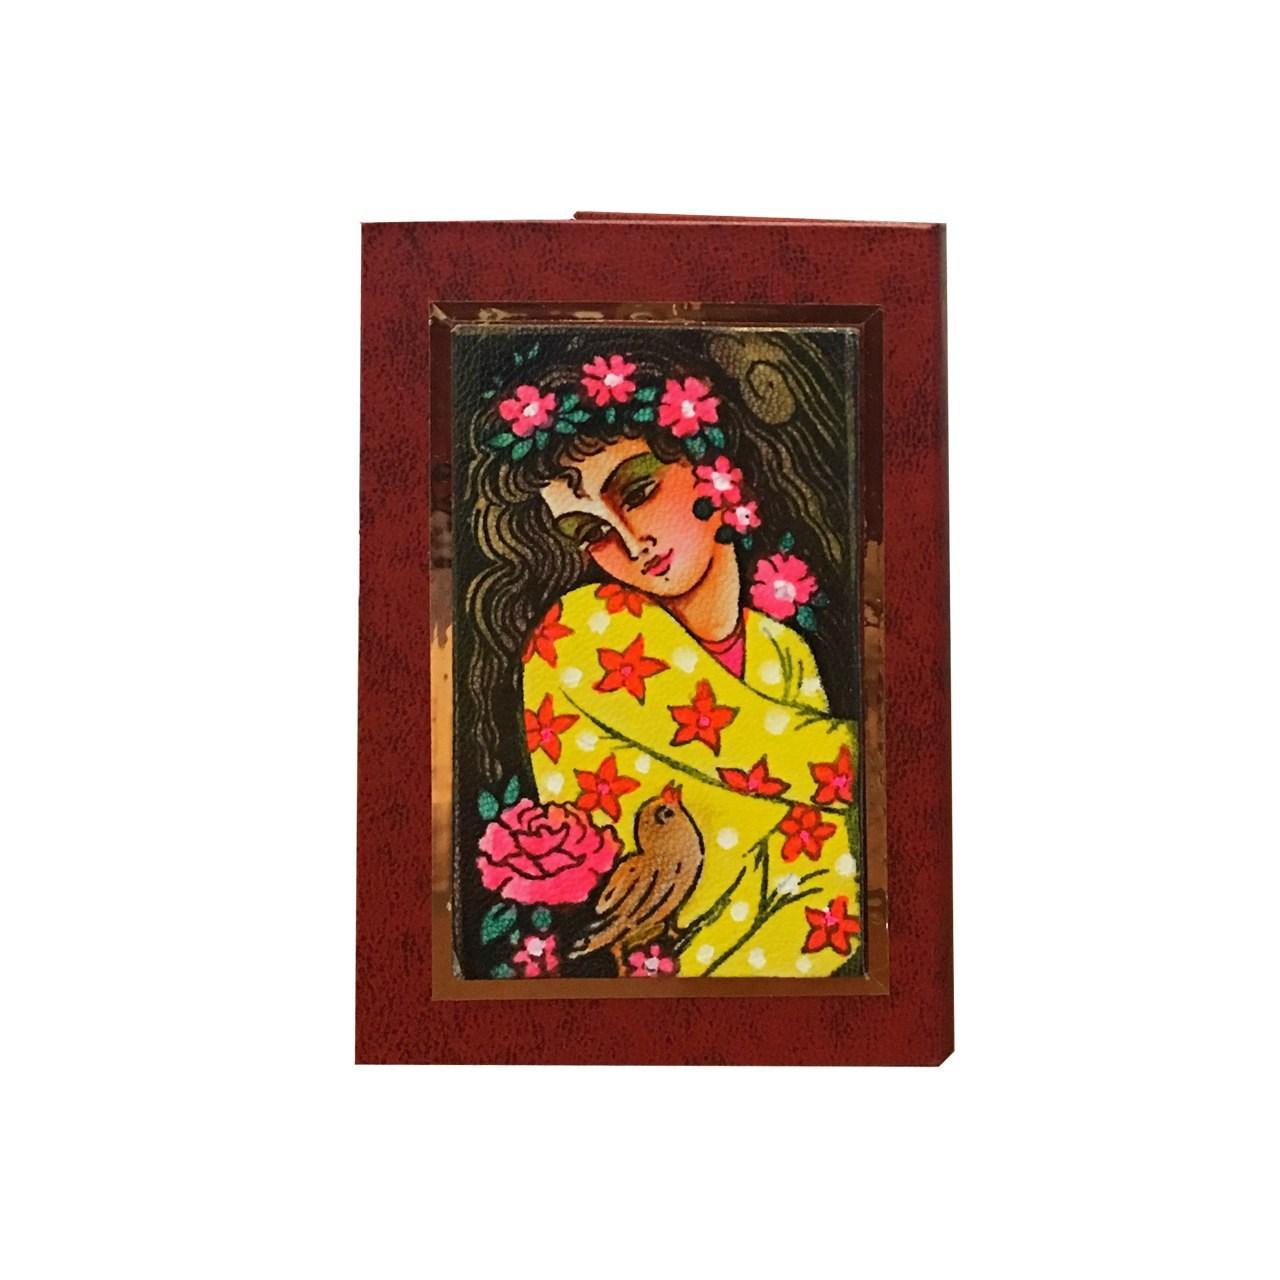 عکس آینه جیبی چرمی  گالری نفیس کد nz4